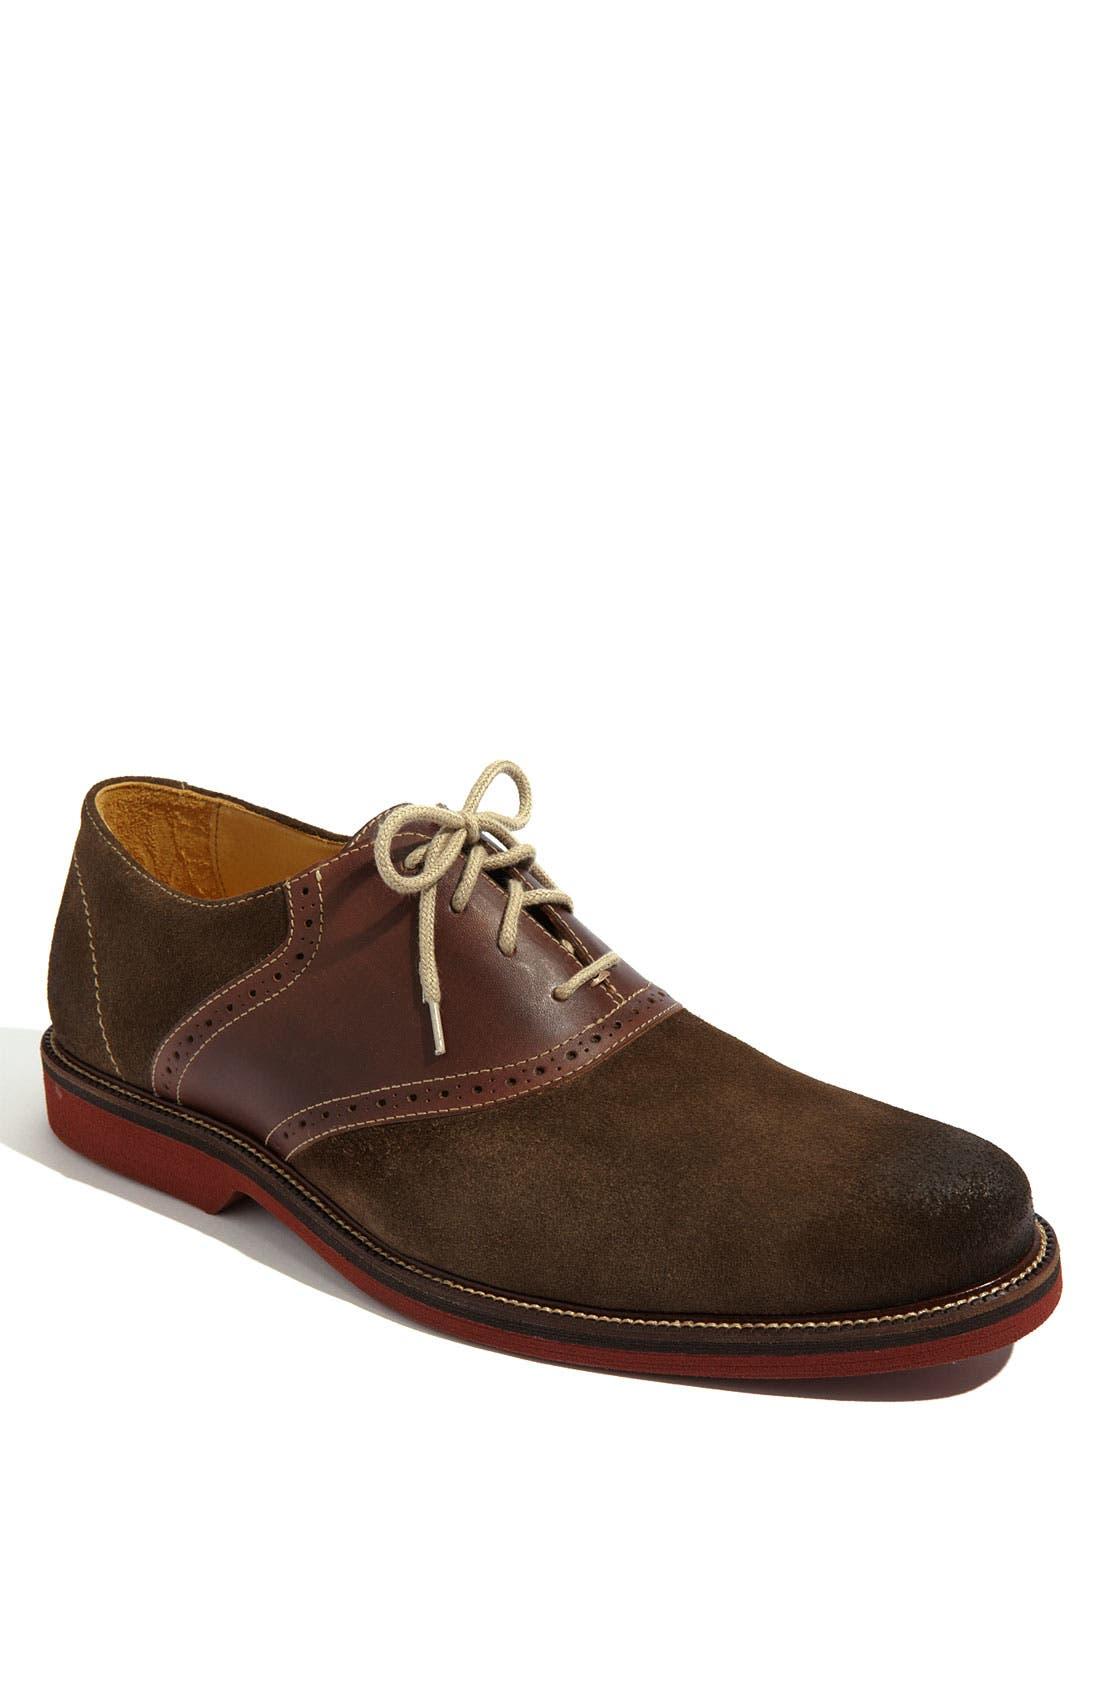 Alternate Image 1 Selected - 1901 'Saddle Up' Saddle Shoe (Men)